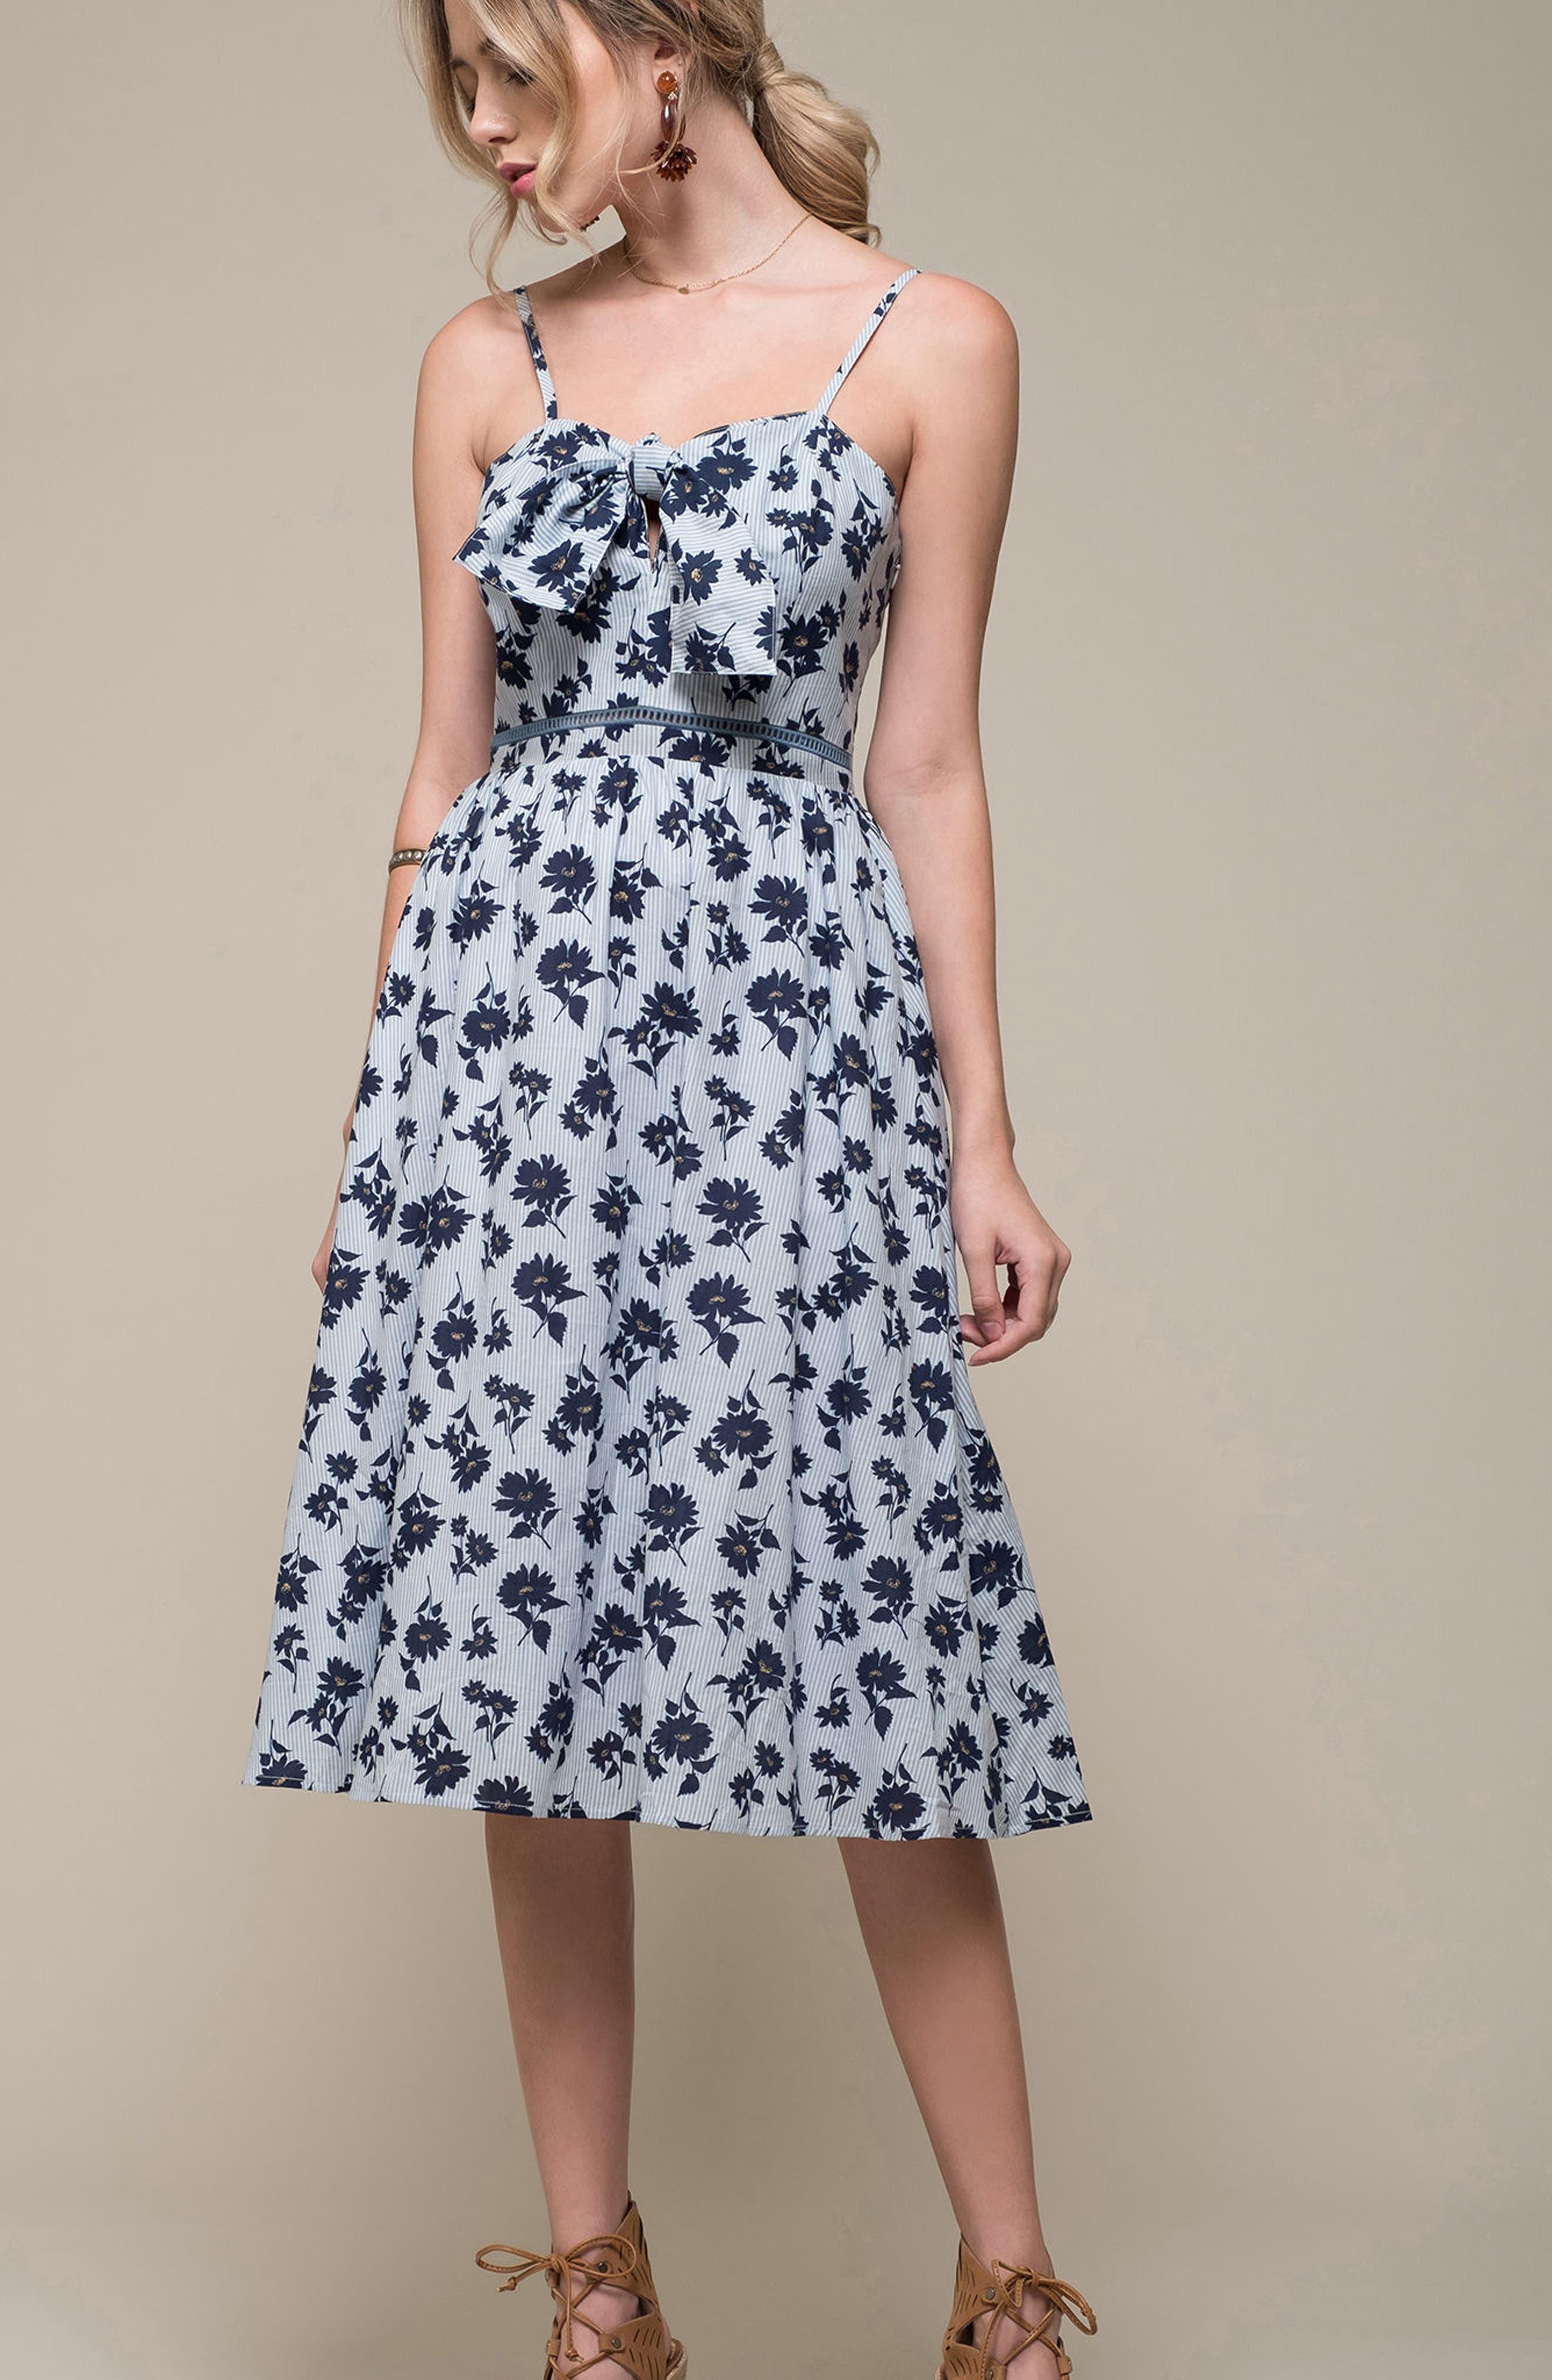 Floral Cotton Fit & Flare Dress,                             Alternate thumbnail 7, color,                             401